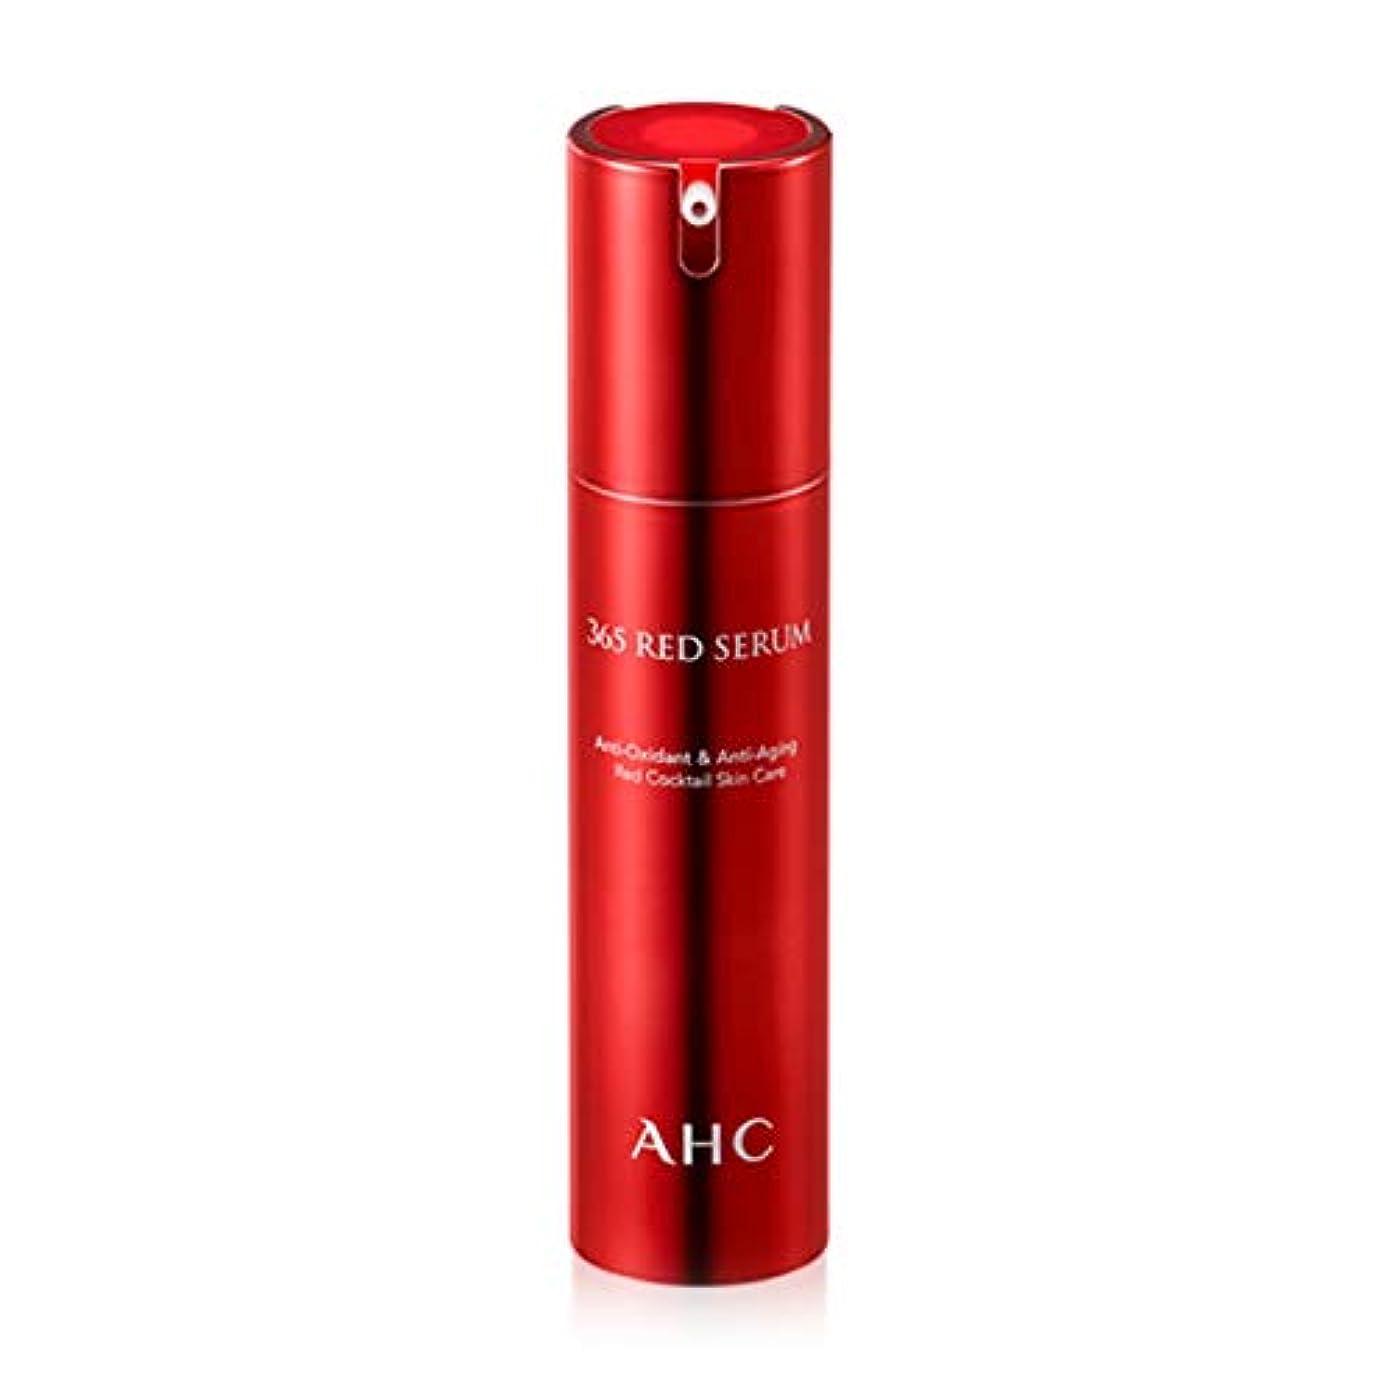 超えるセンター免疫AHC 365 Red Serum AHC 365 レッド セラム 50ml [並行輸入品]